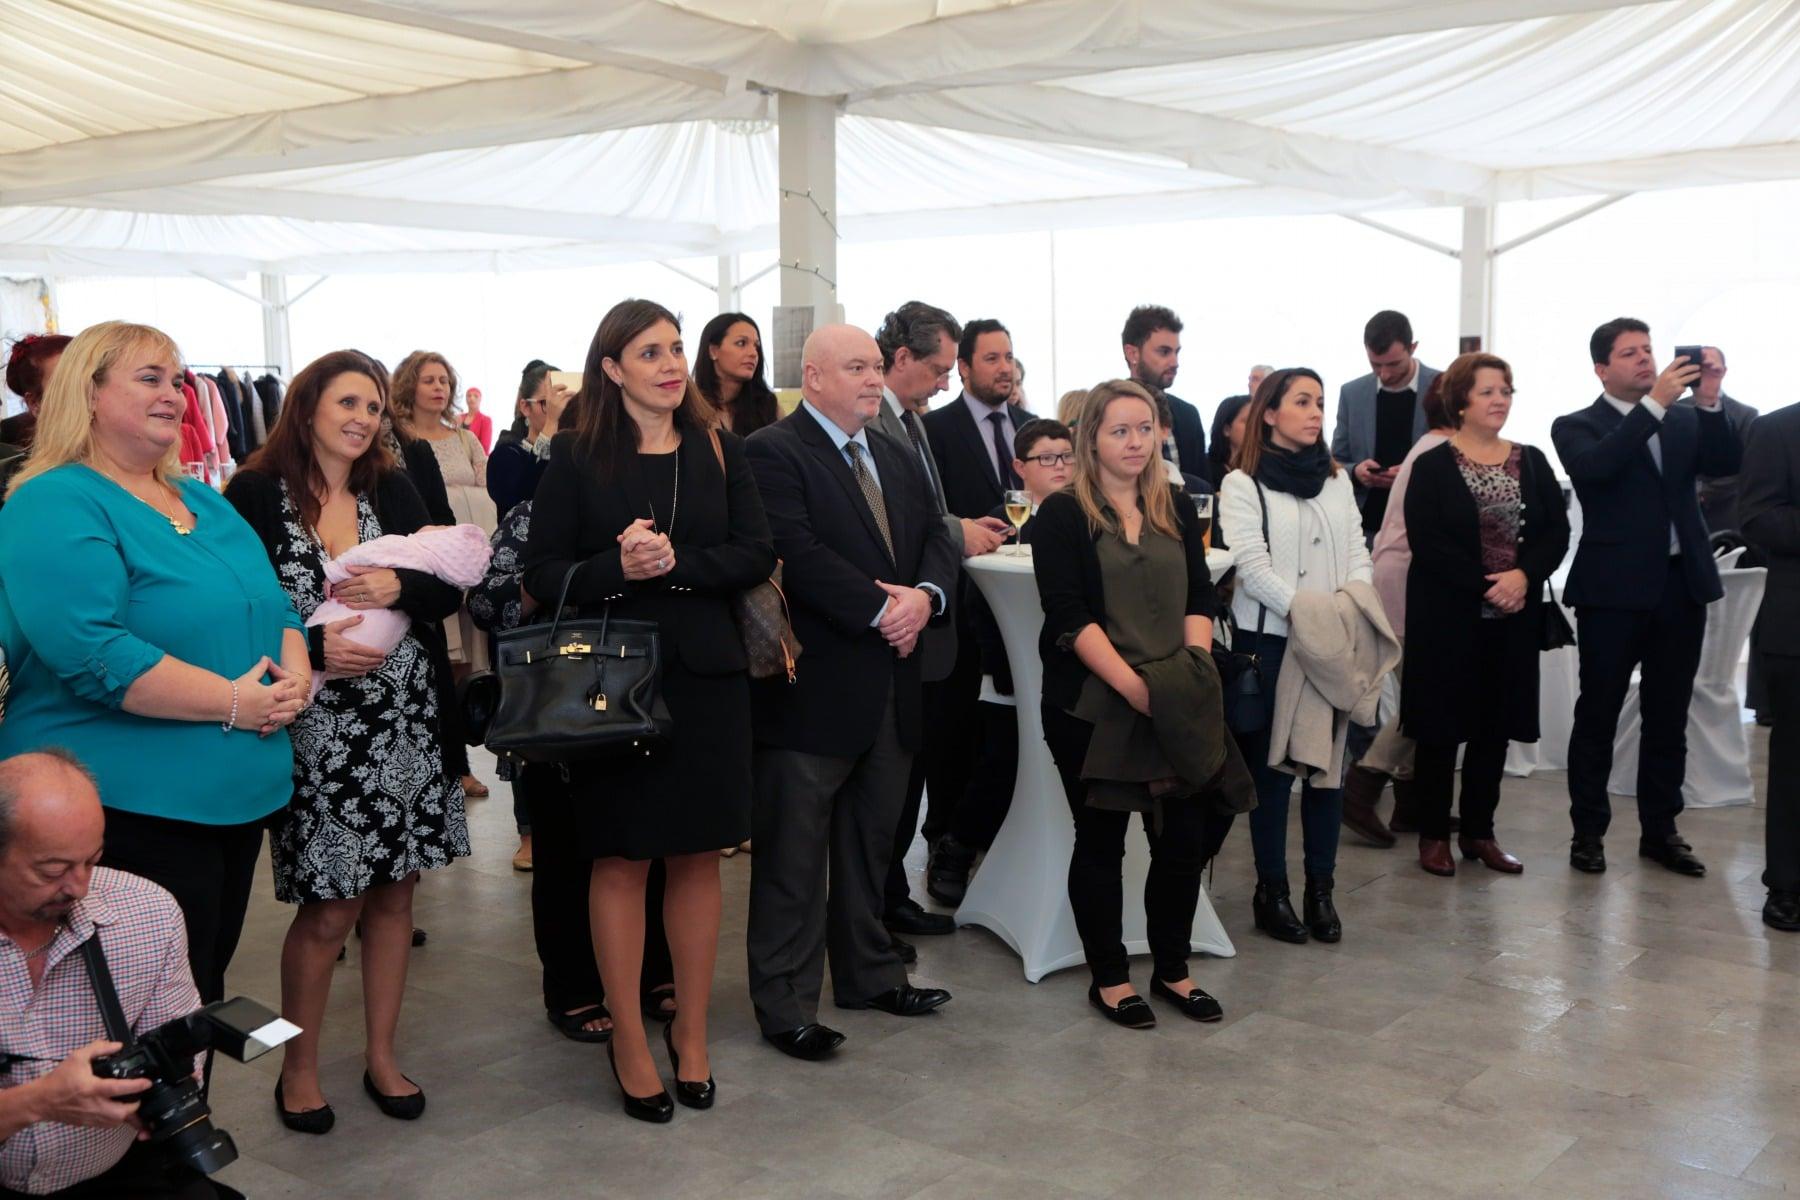 inauguracin-del-monumento-a-la-mujer-en-gibraltar_31427342156_o